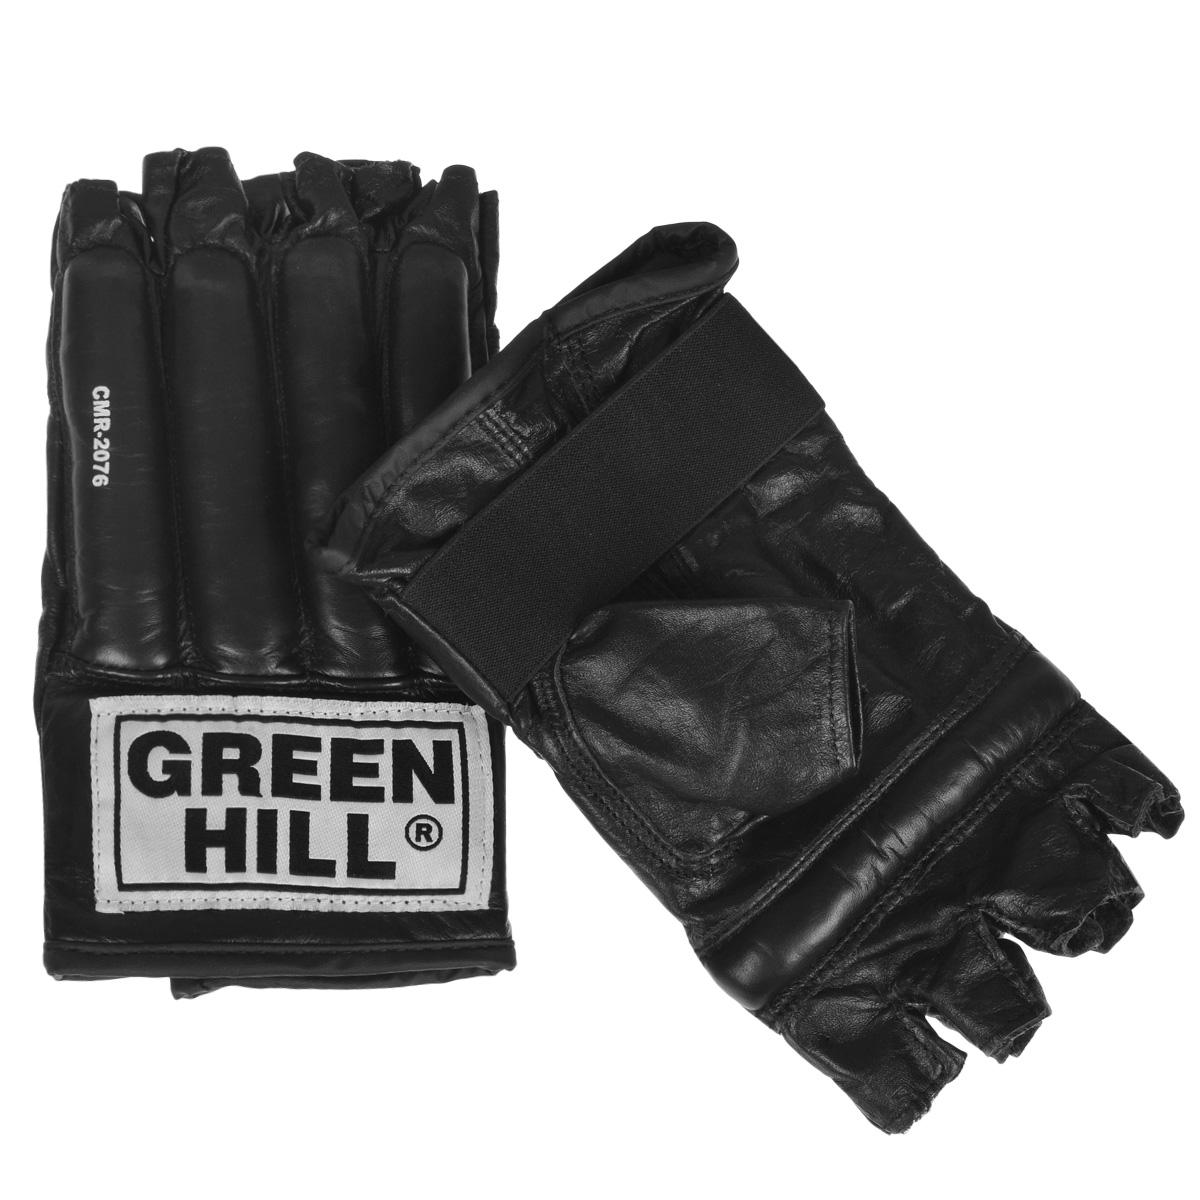 Шингарты для единоборств Green Hill Royal, цвет: черный. Размер L канатрукав green hill для лазания 5 метров в спб